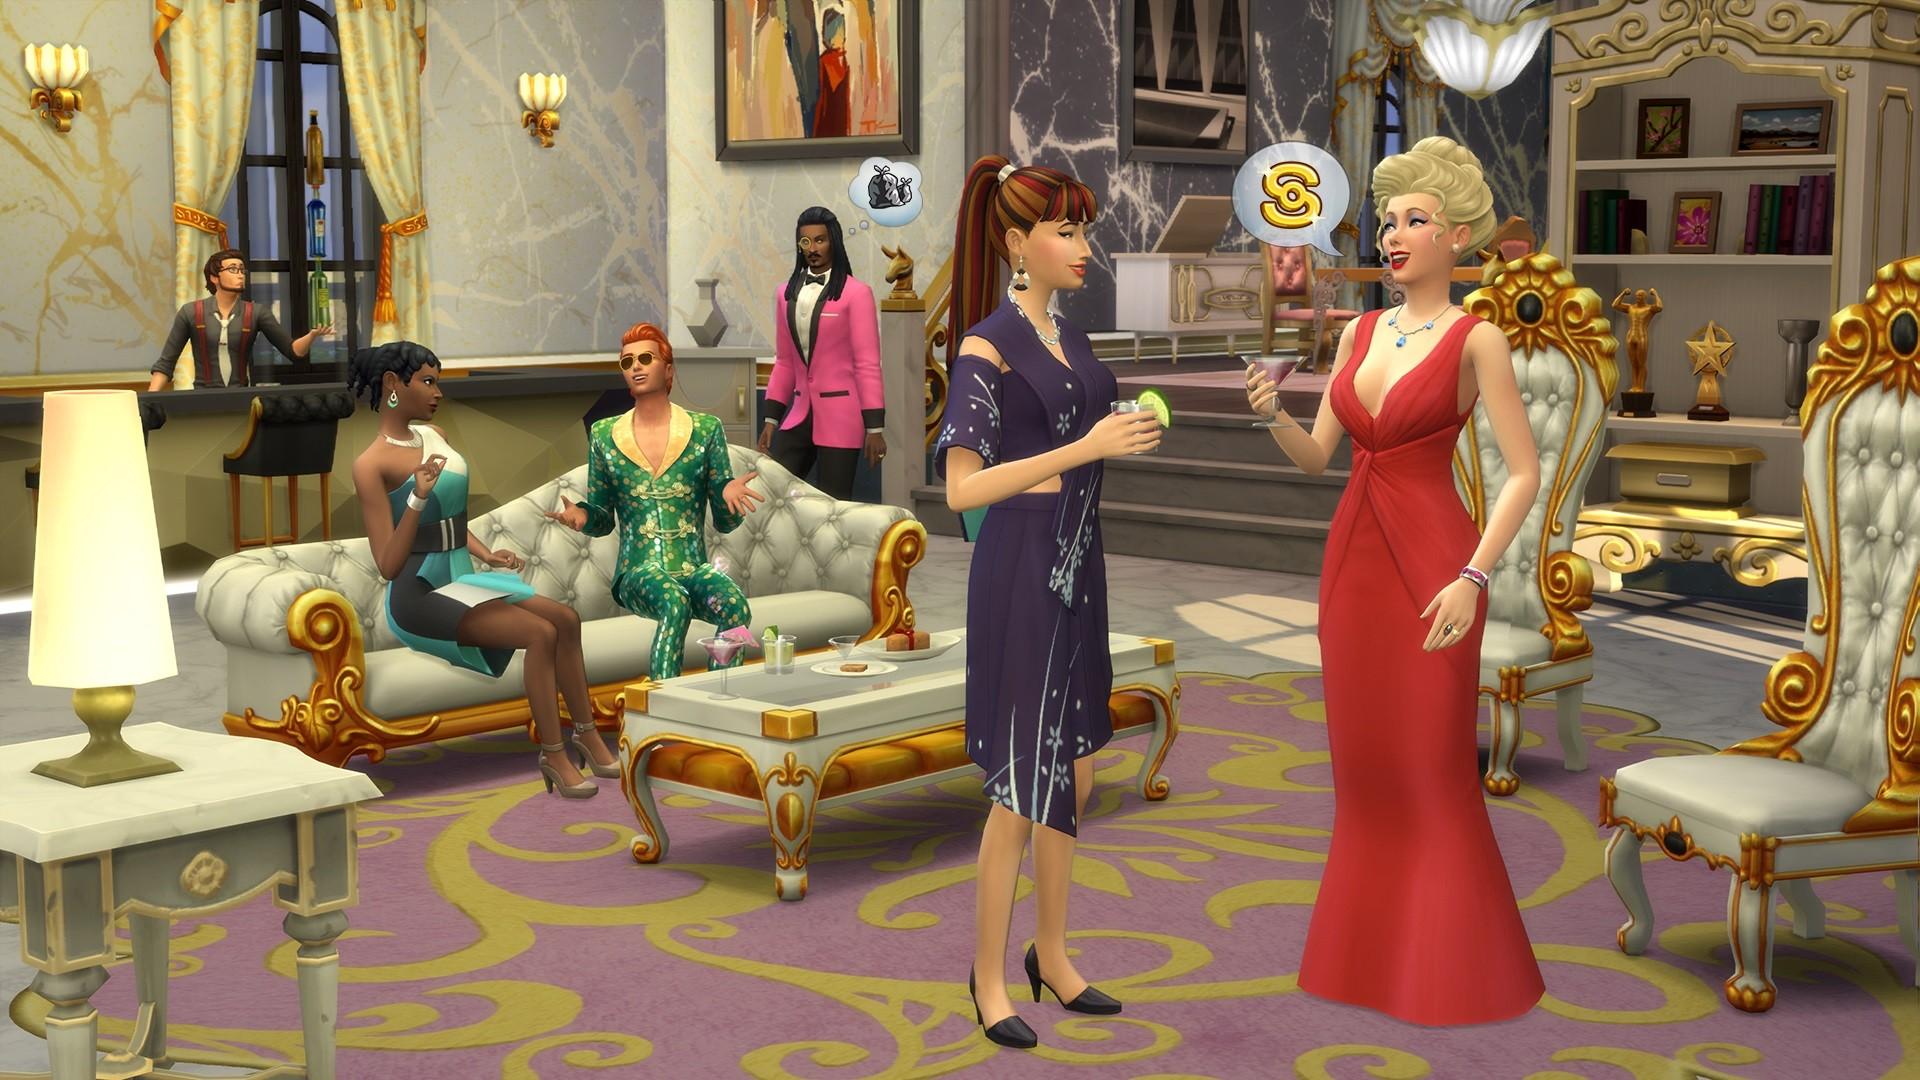 Famosos en Los Sims 4